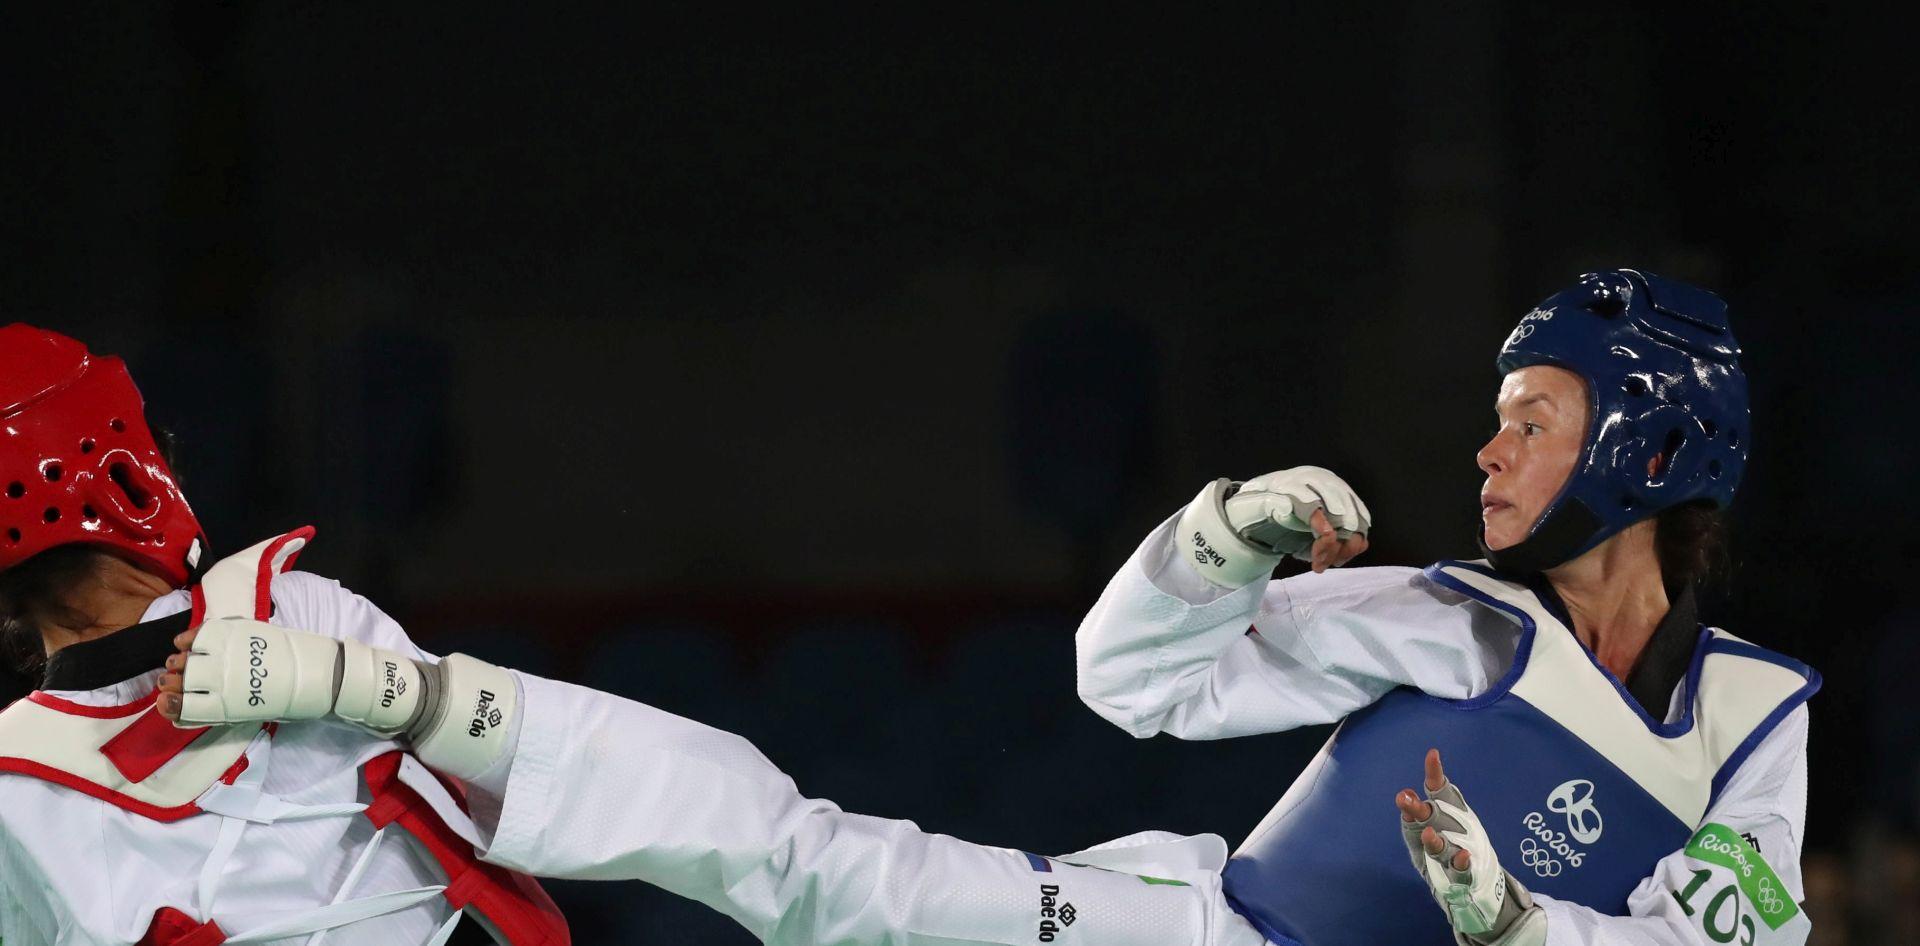 EP taekwondo: Brečiću zlato, bronce za Štetić i Andruna Razića